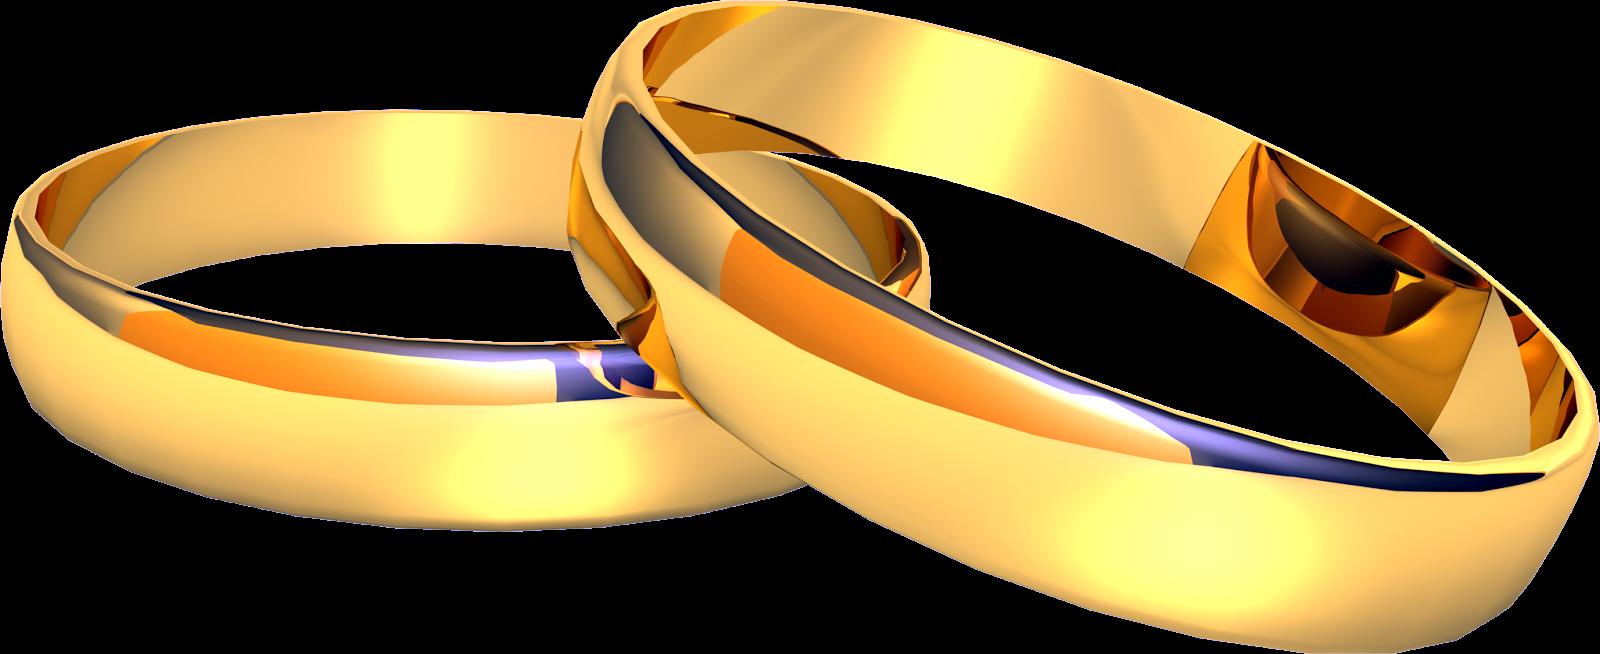 Обручальное кольцо PNG